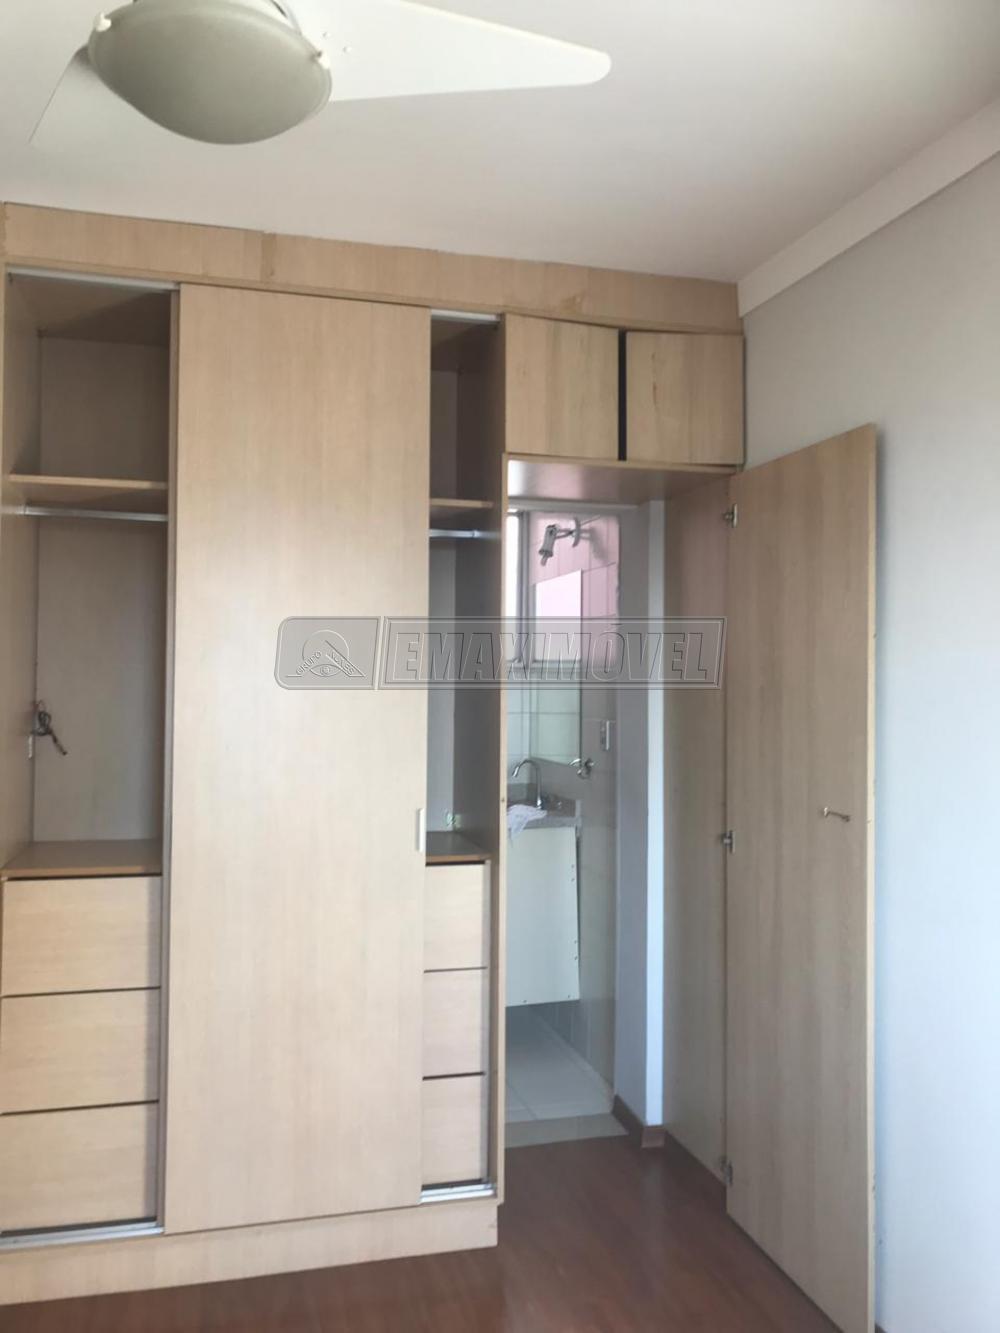 Comprar Apartamento / Padrão em Sorocaba R$ 430.000,00 - Foto 10